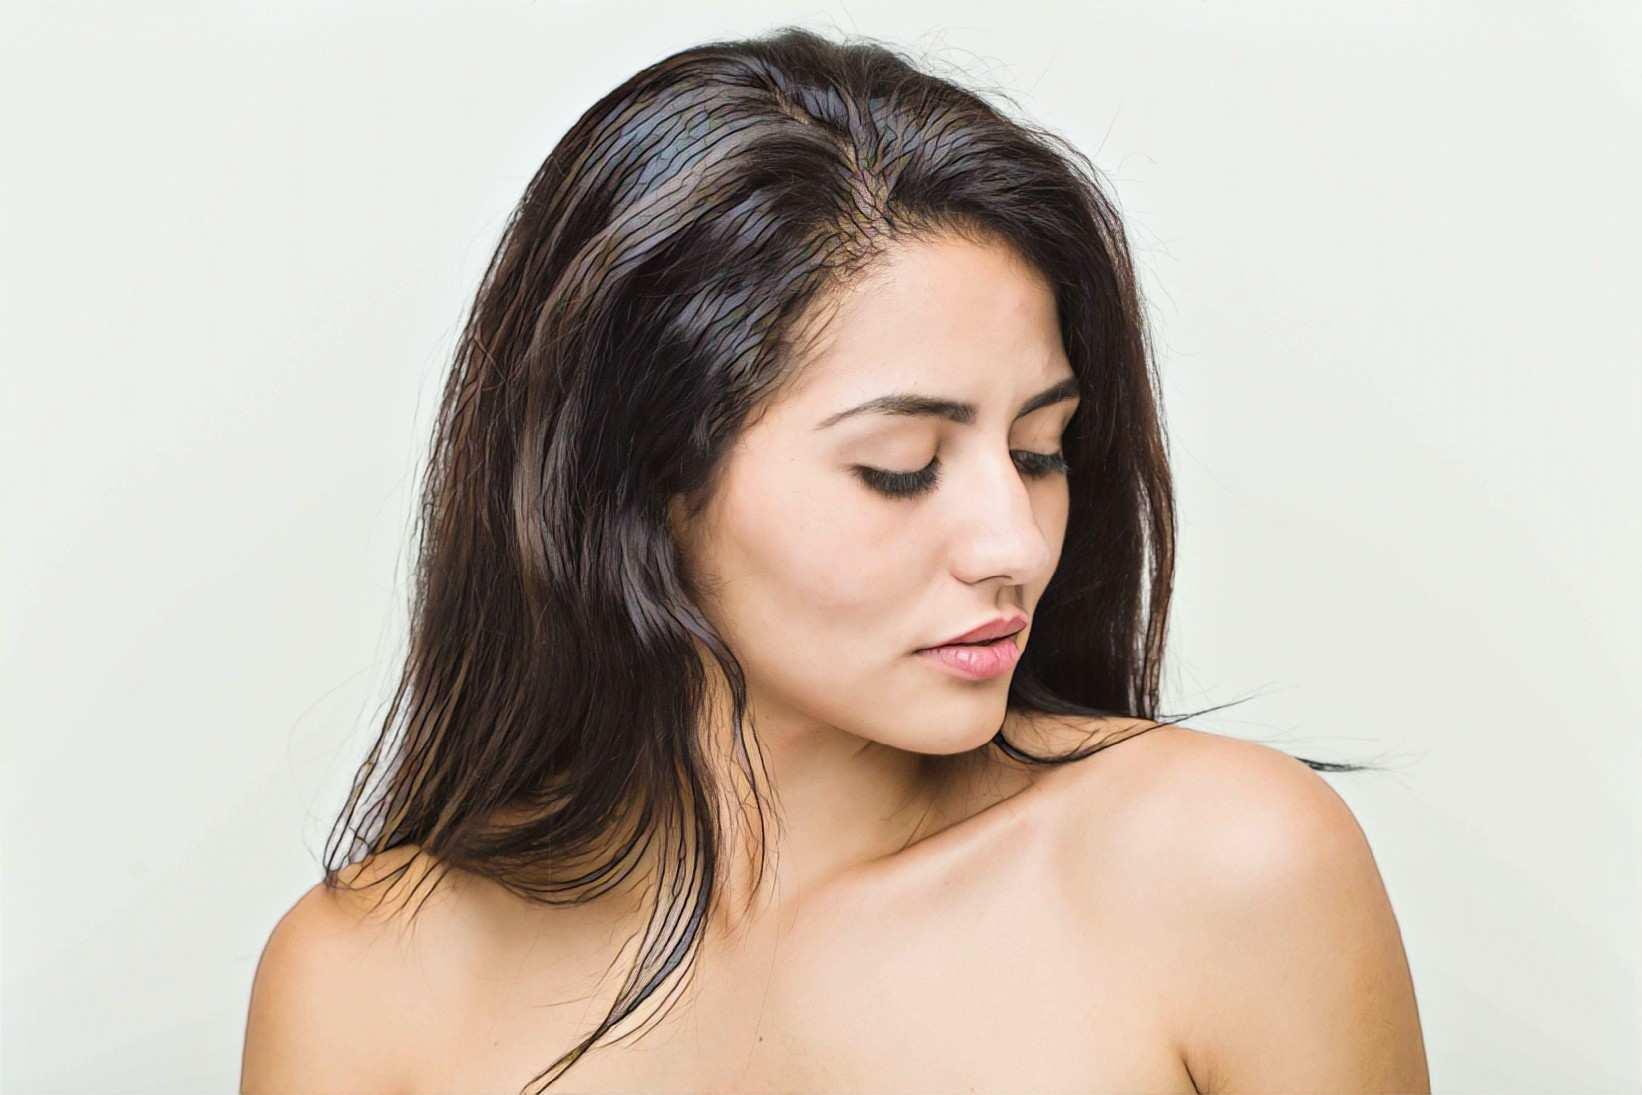 Плазмолифтинг или мезотерапия для волос: что лучше